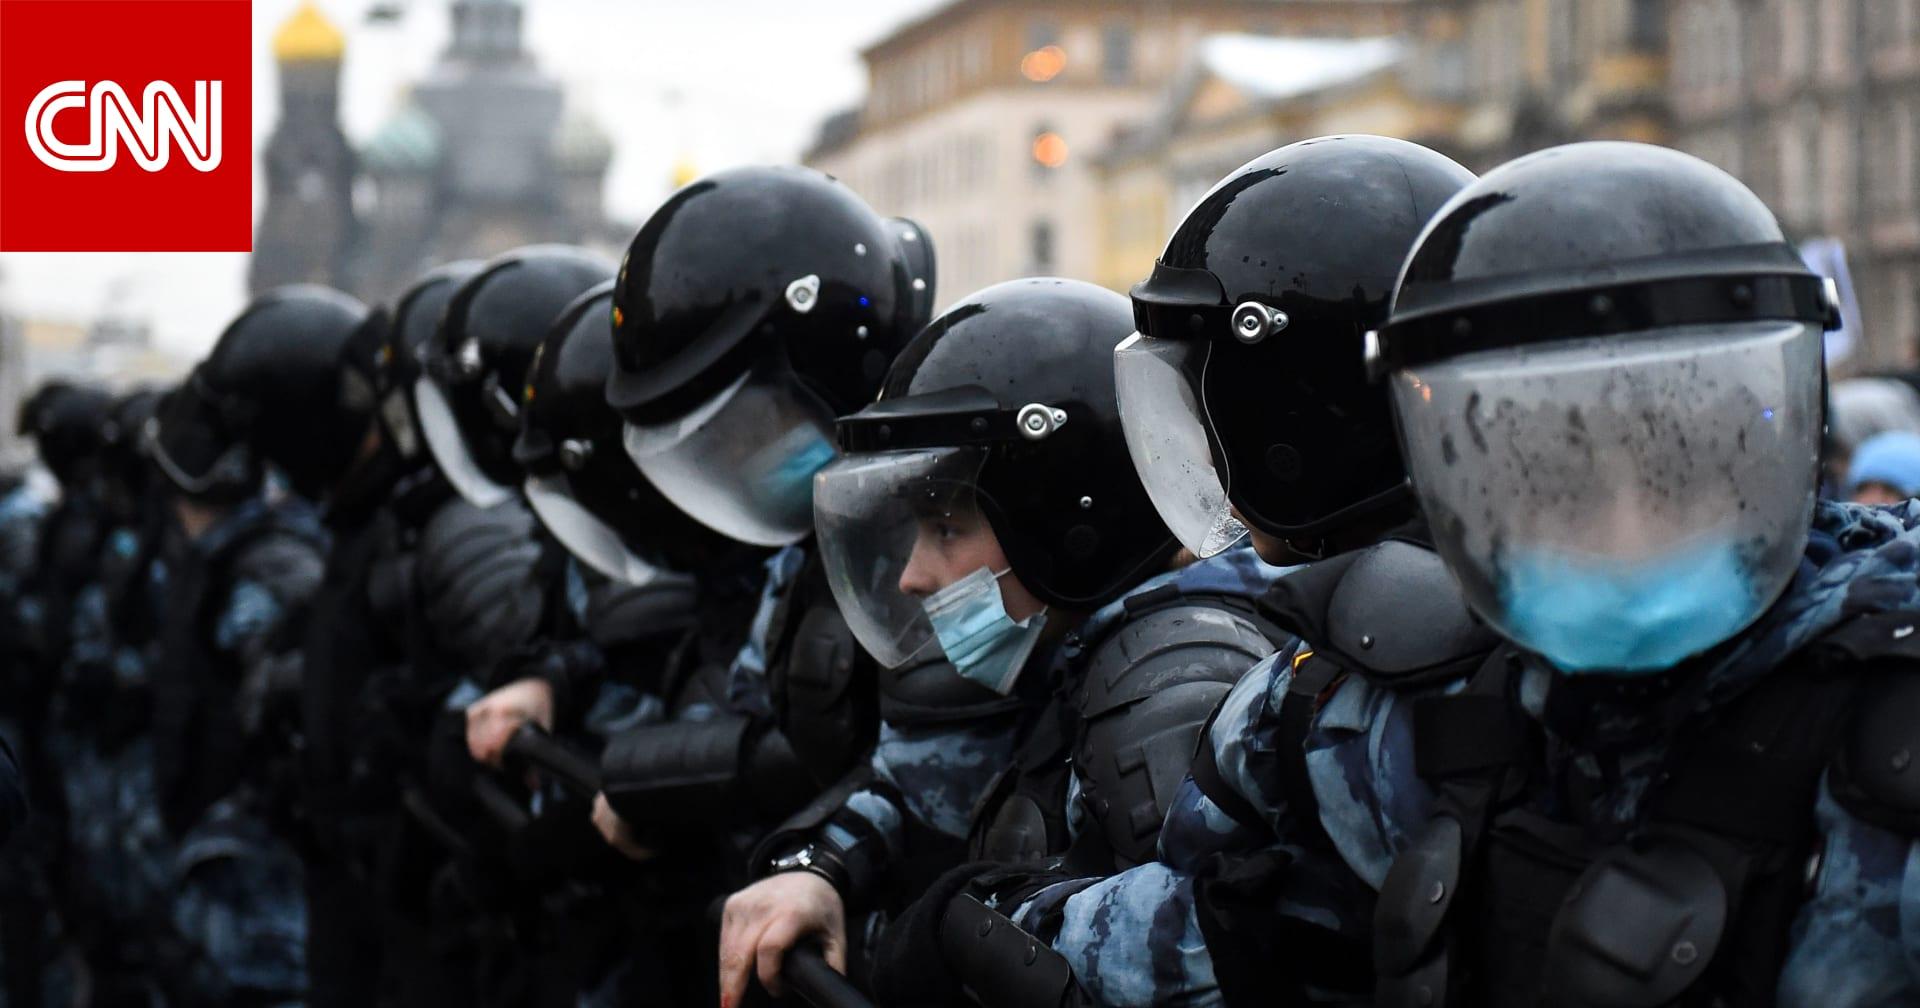 احتجاجات روسيا.. إدانة أمريكية وأوروبية لاعتقال وقمع مؤيدي نافالني